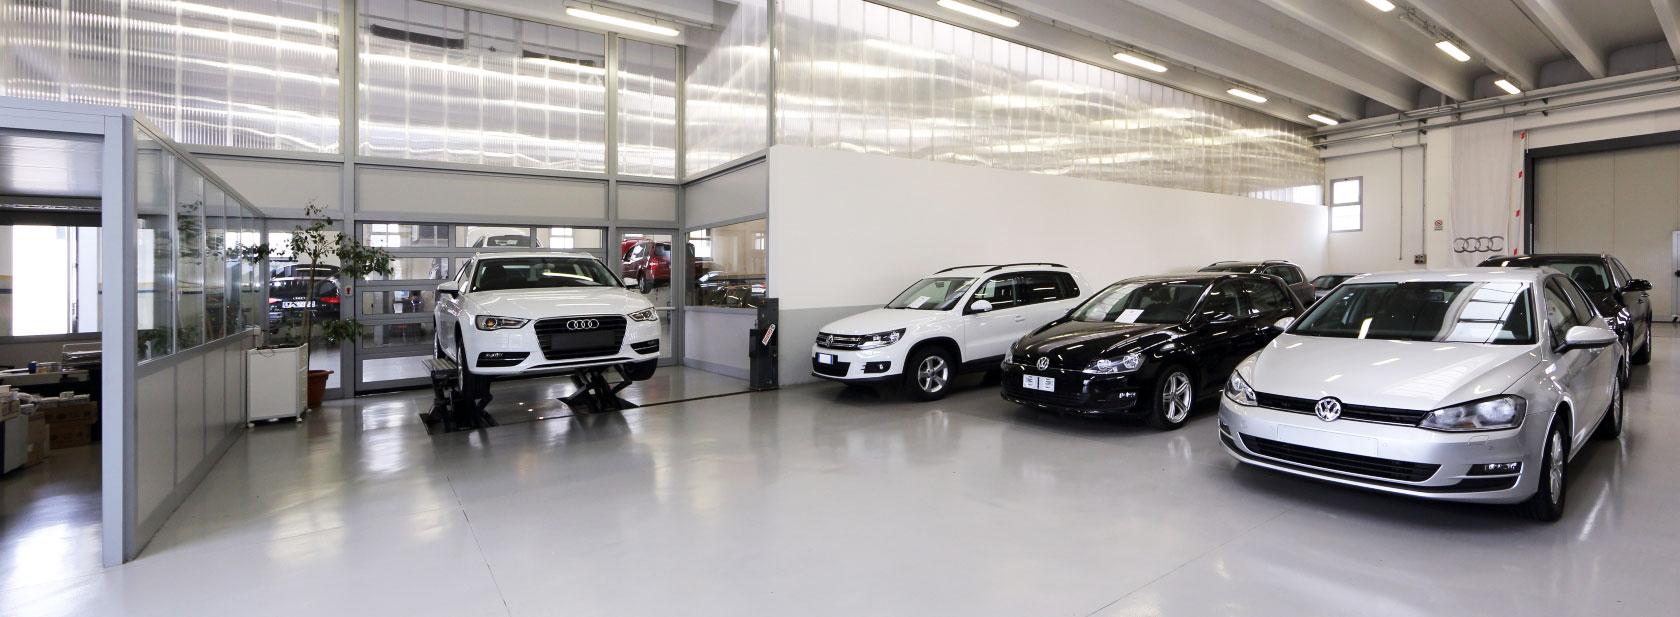 Storia dell'Azienda Auto Sperandio: 2009 - 2010